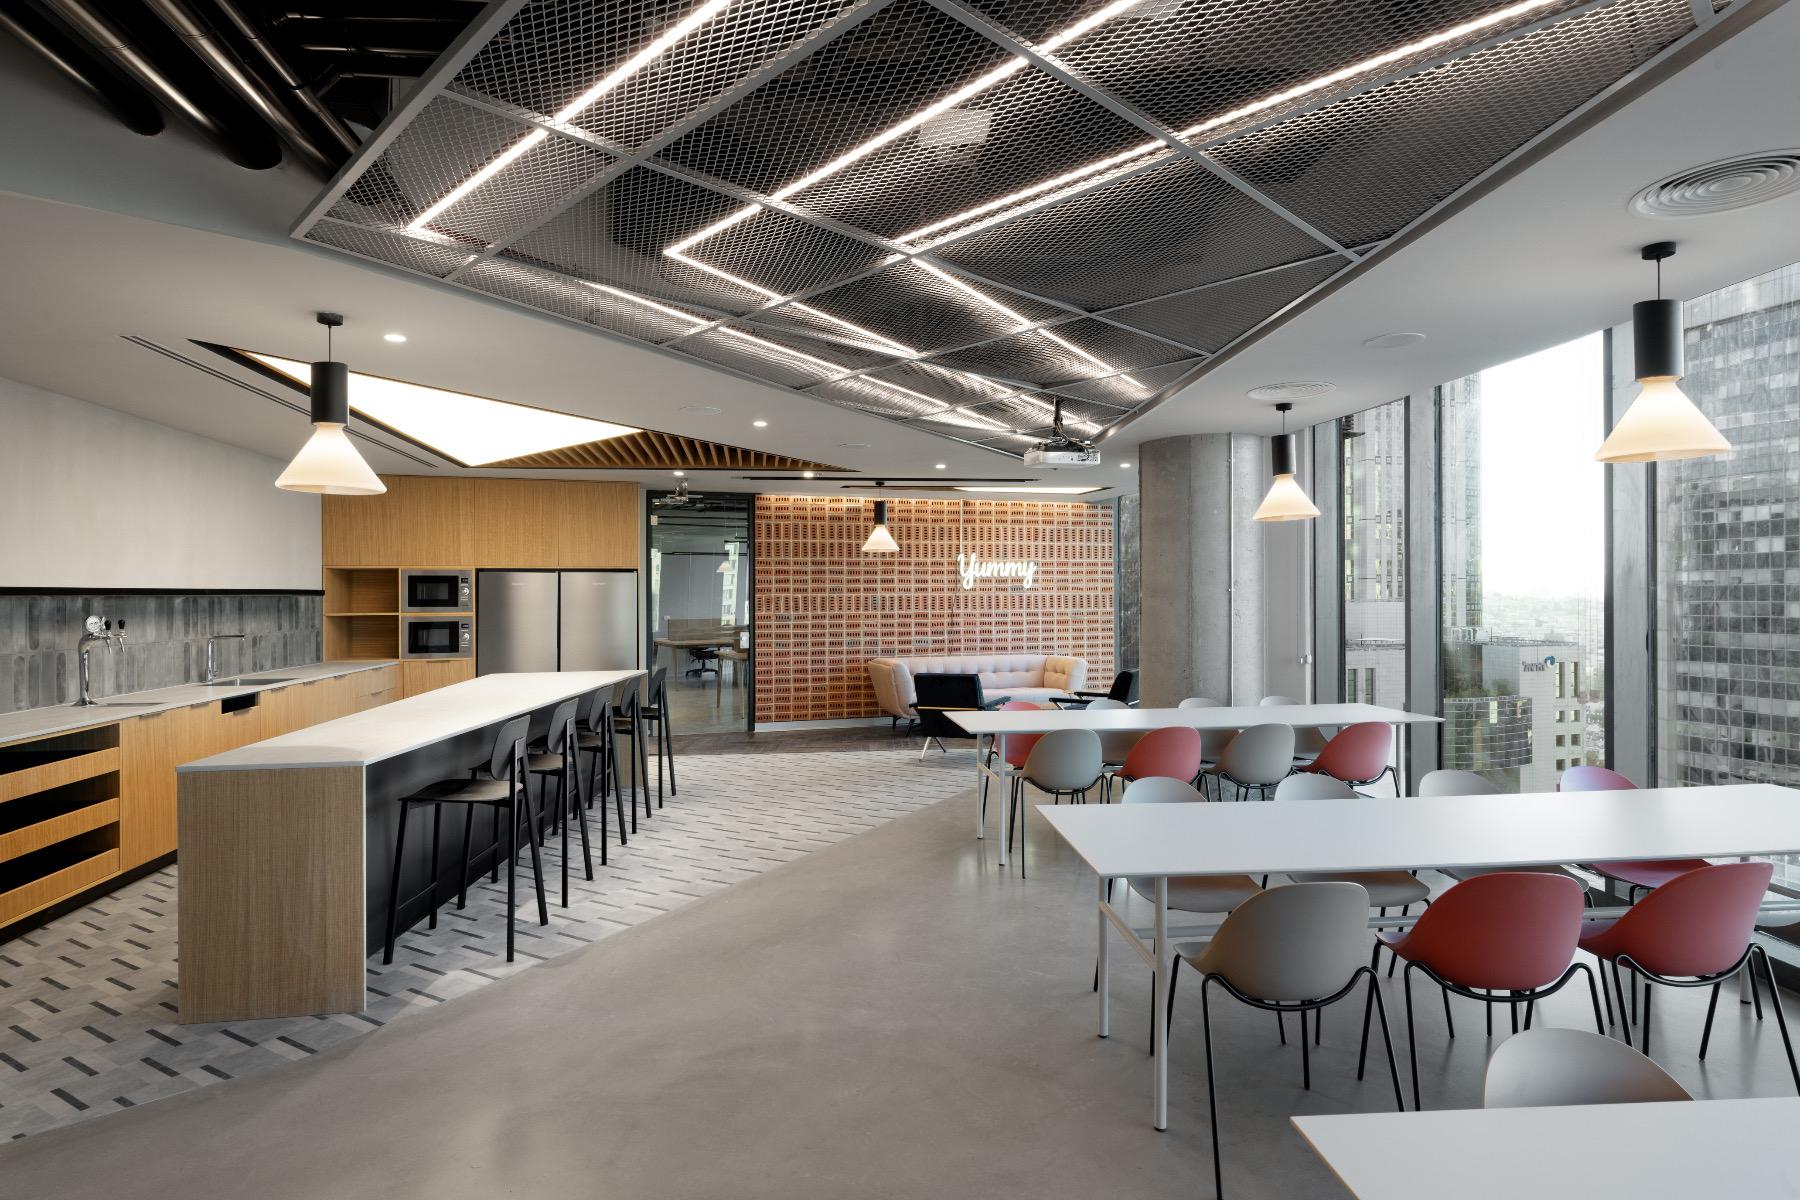 A Look Inside Siemplify's New Tel Aviv Office